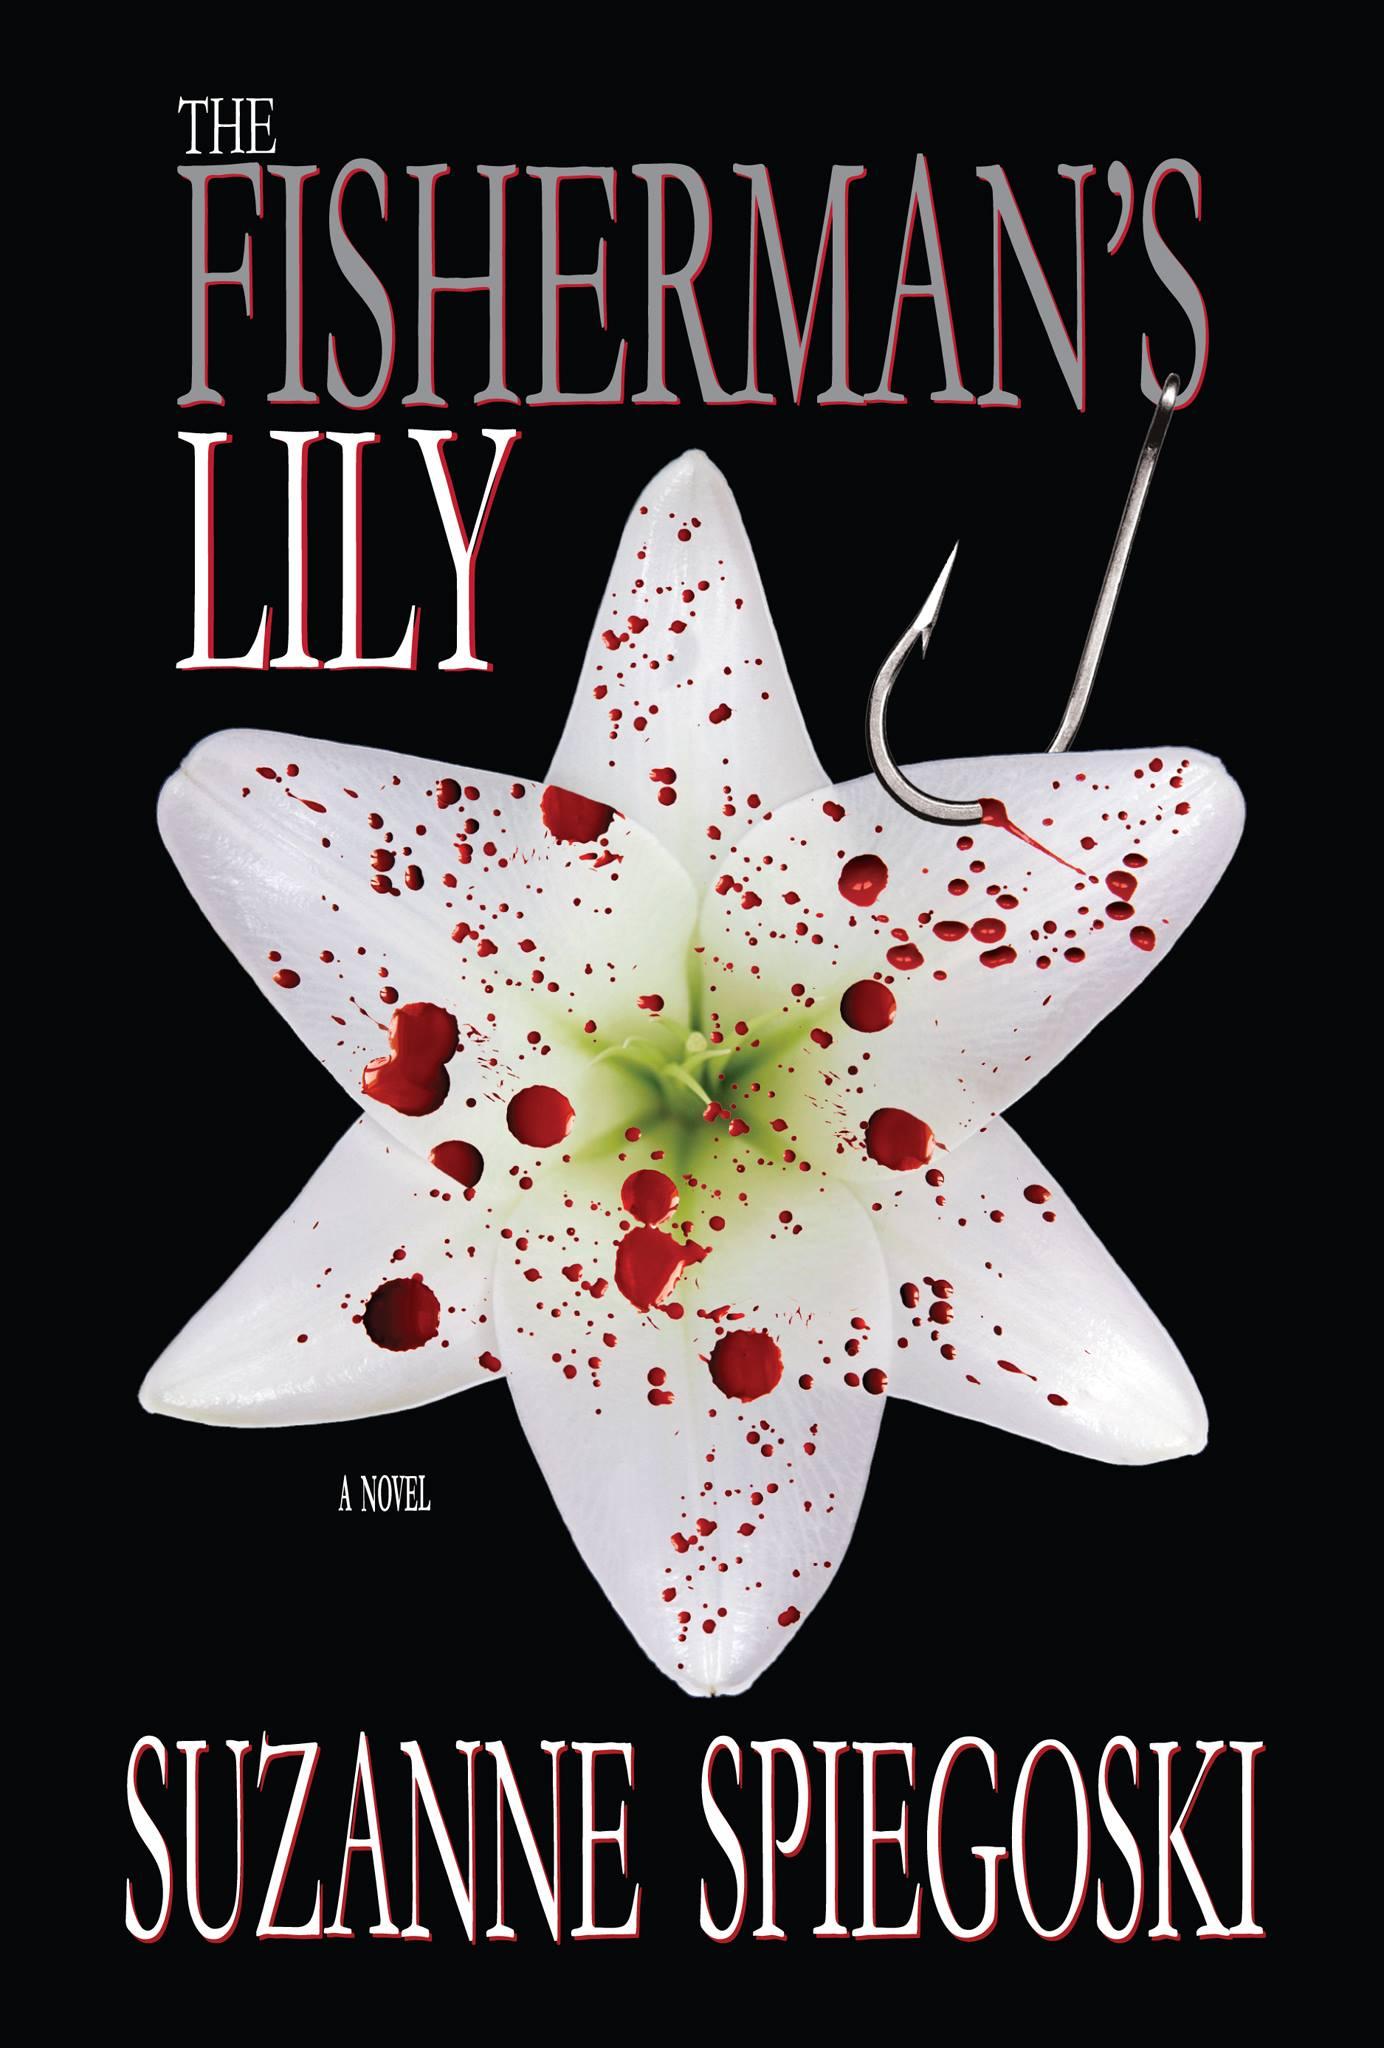 The Fisherman's Lily : A Novel by Suzanne Spiegoski